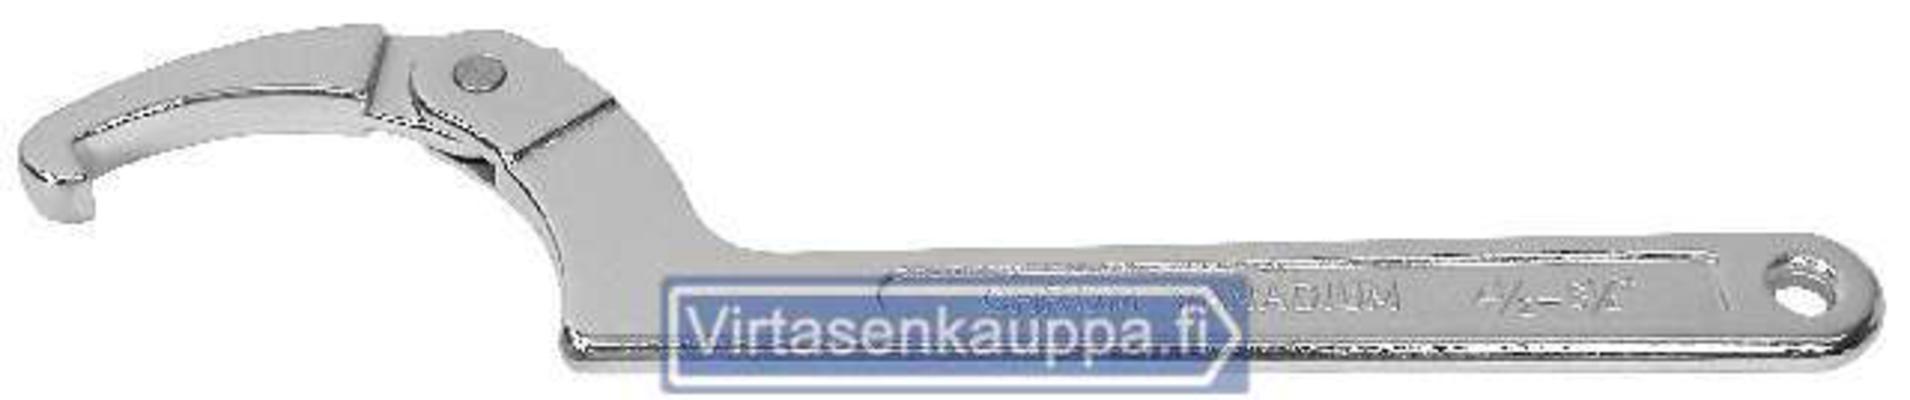 SÄÄDETTÄVÄ HAKA-AVAIN - 20 - 50 mm